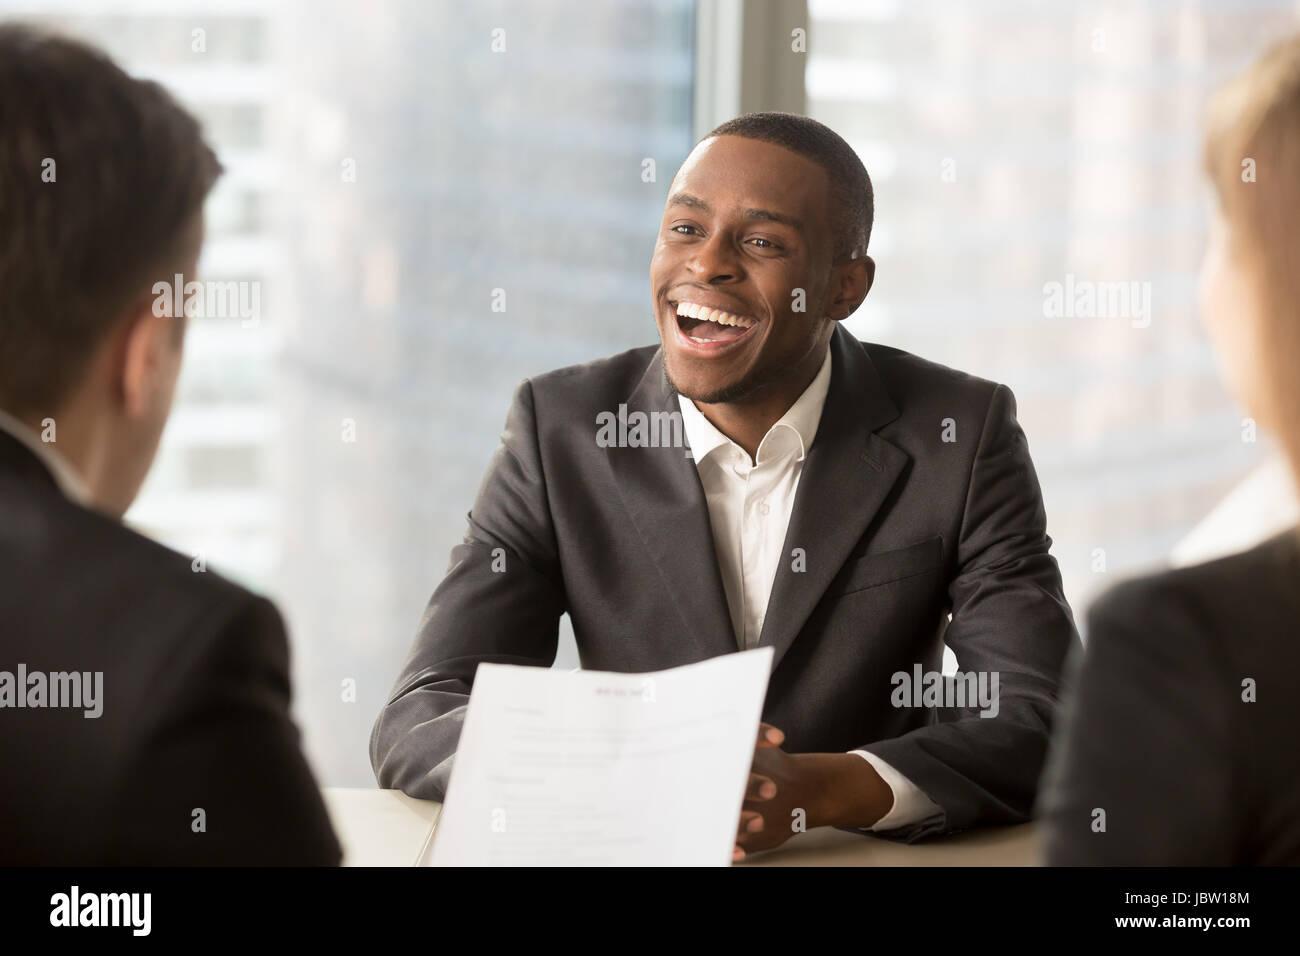 Glücklich schwarzen erfolgreiche Kandidaten immer gemietet, fröhliche afrikanische Antragsteller mit strahlenden Stockbild